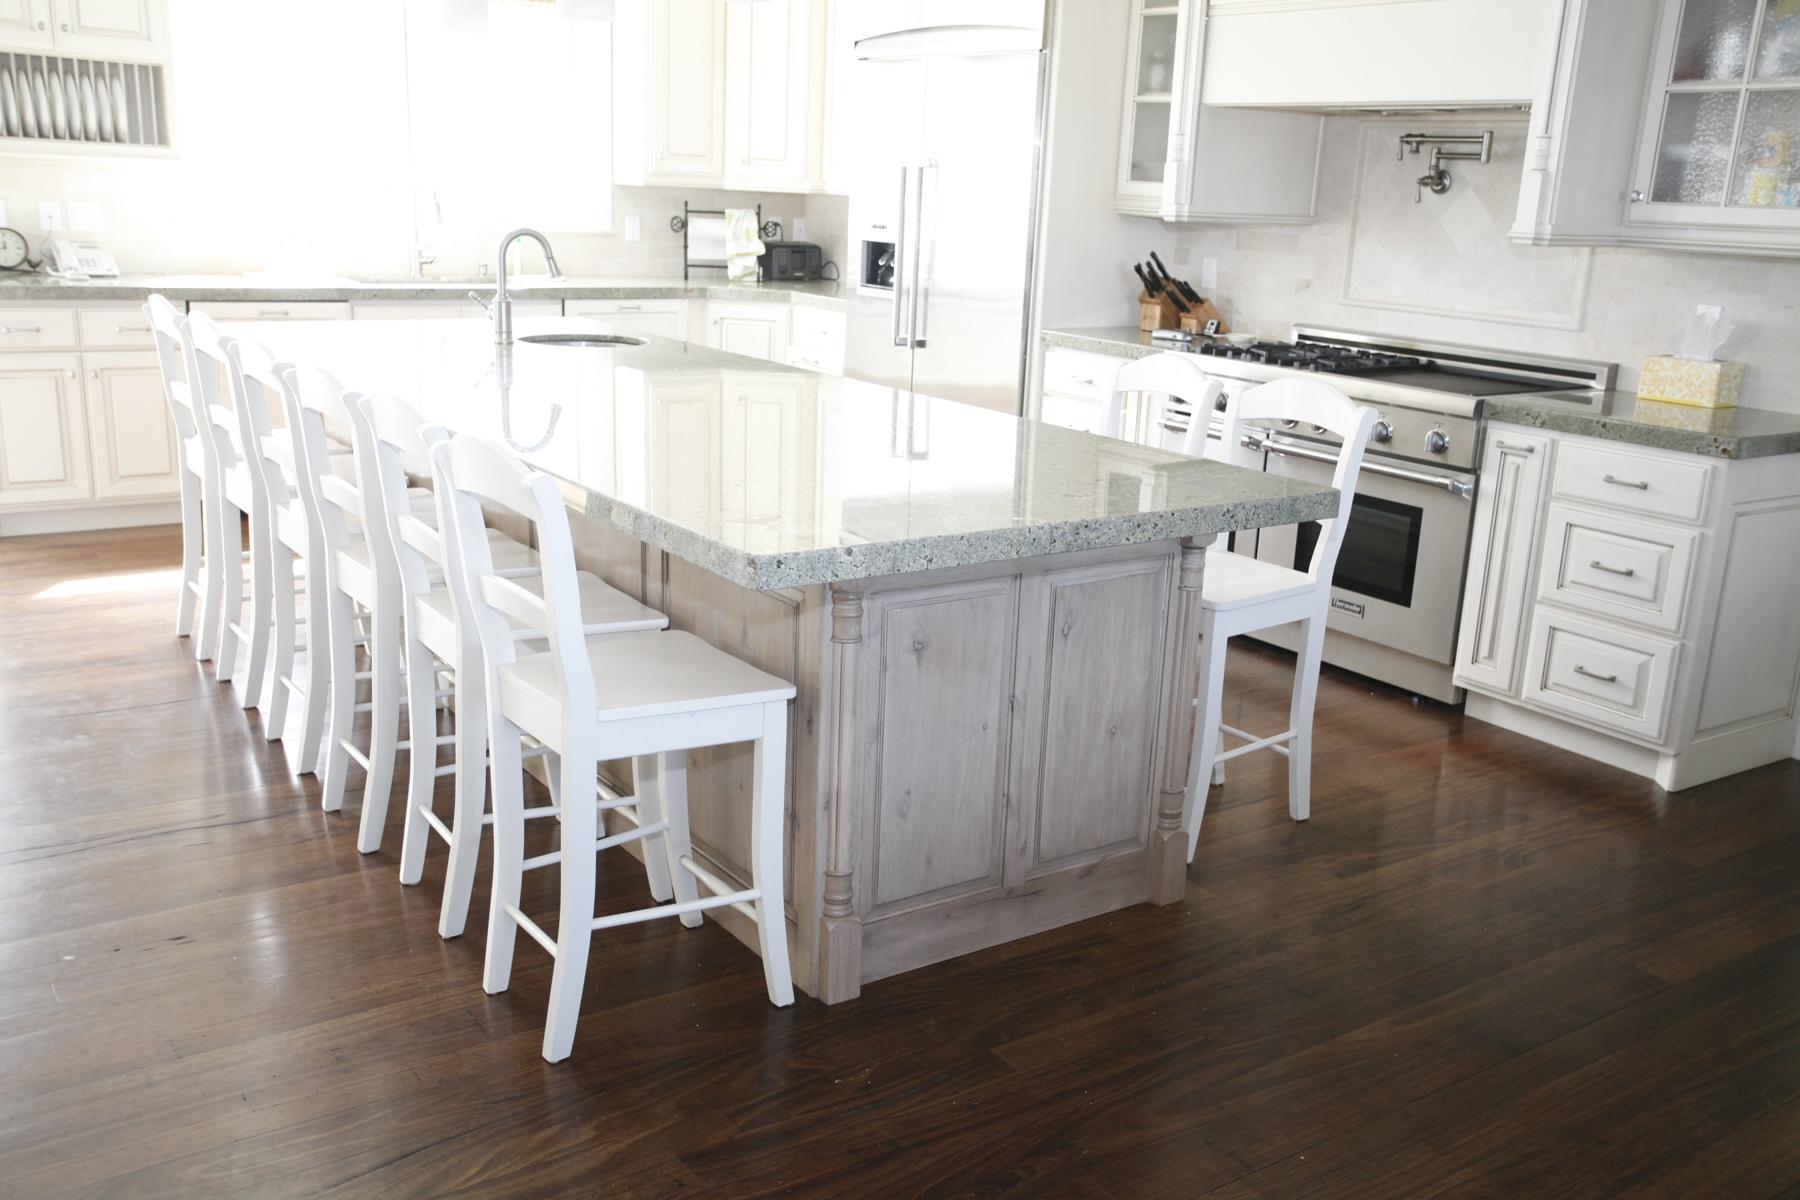 hardwood floor kitchens hardwood floor in kitchen Hardwood floor kitchen